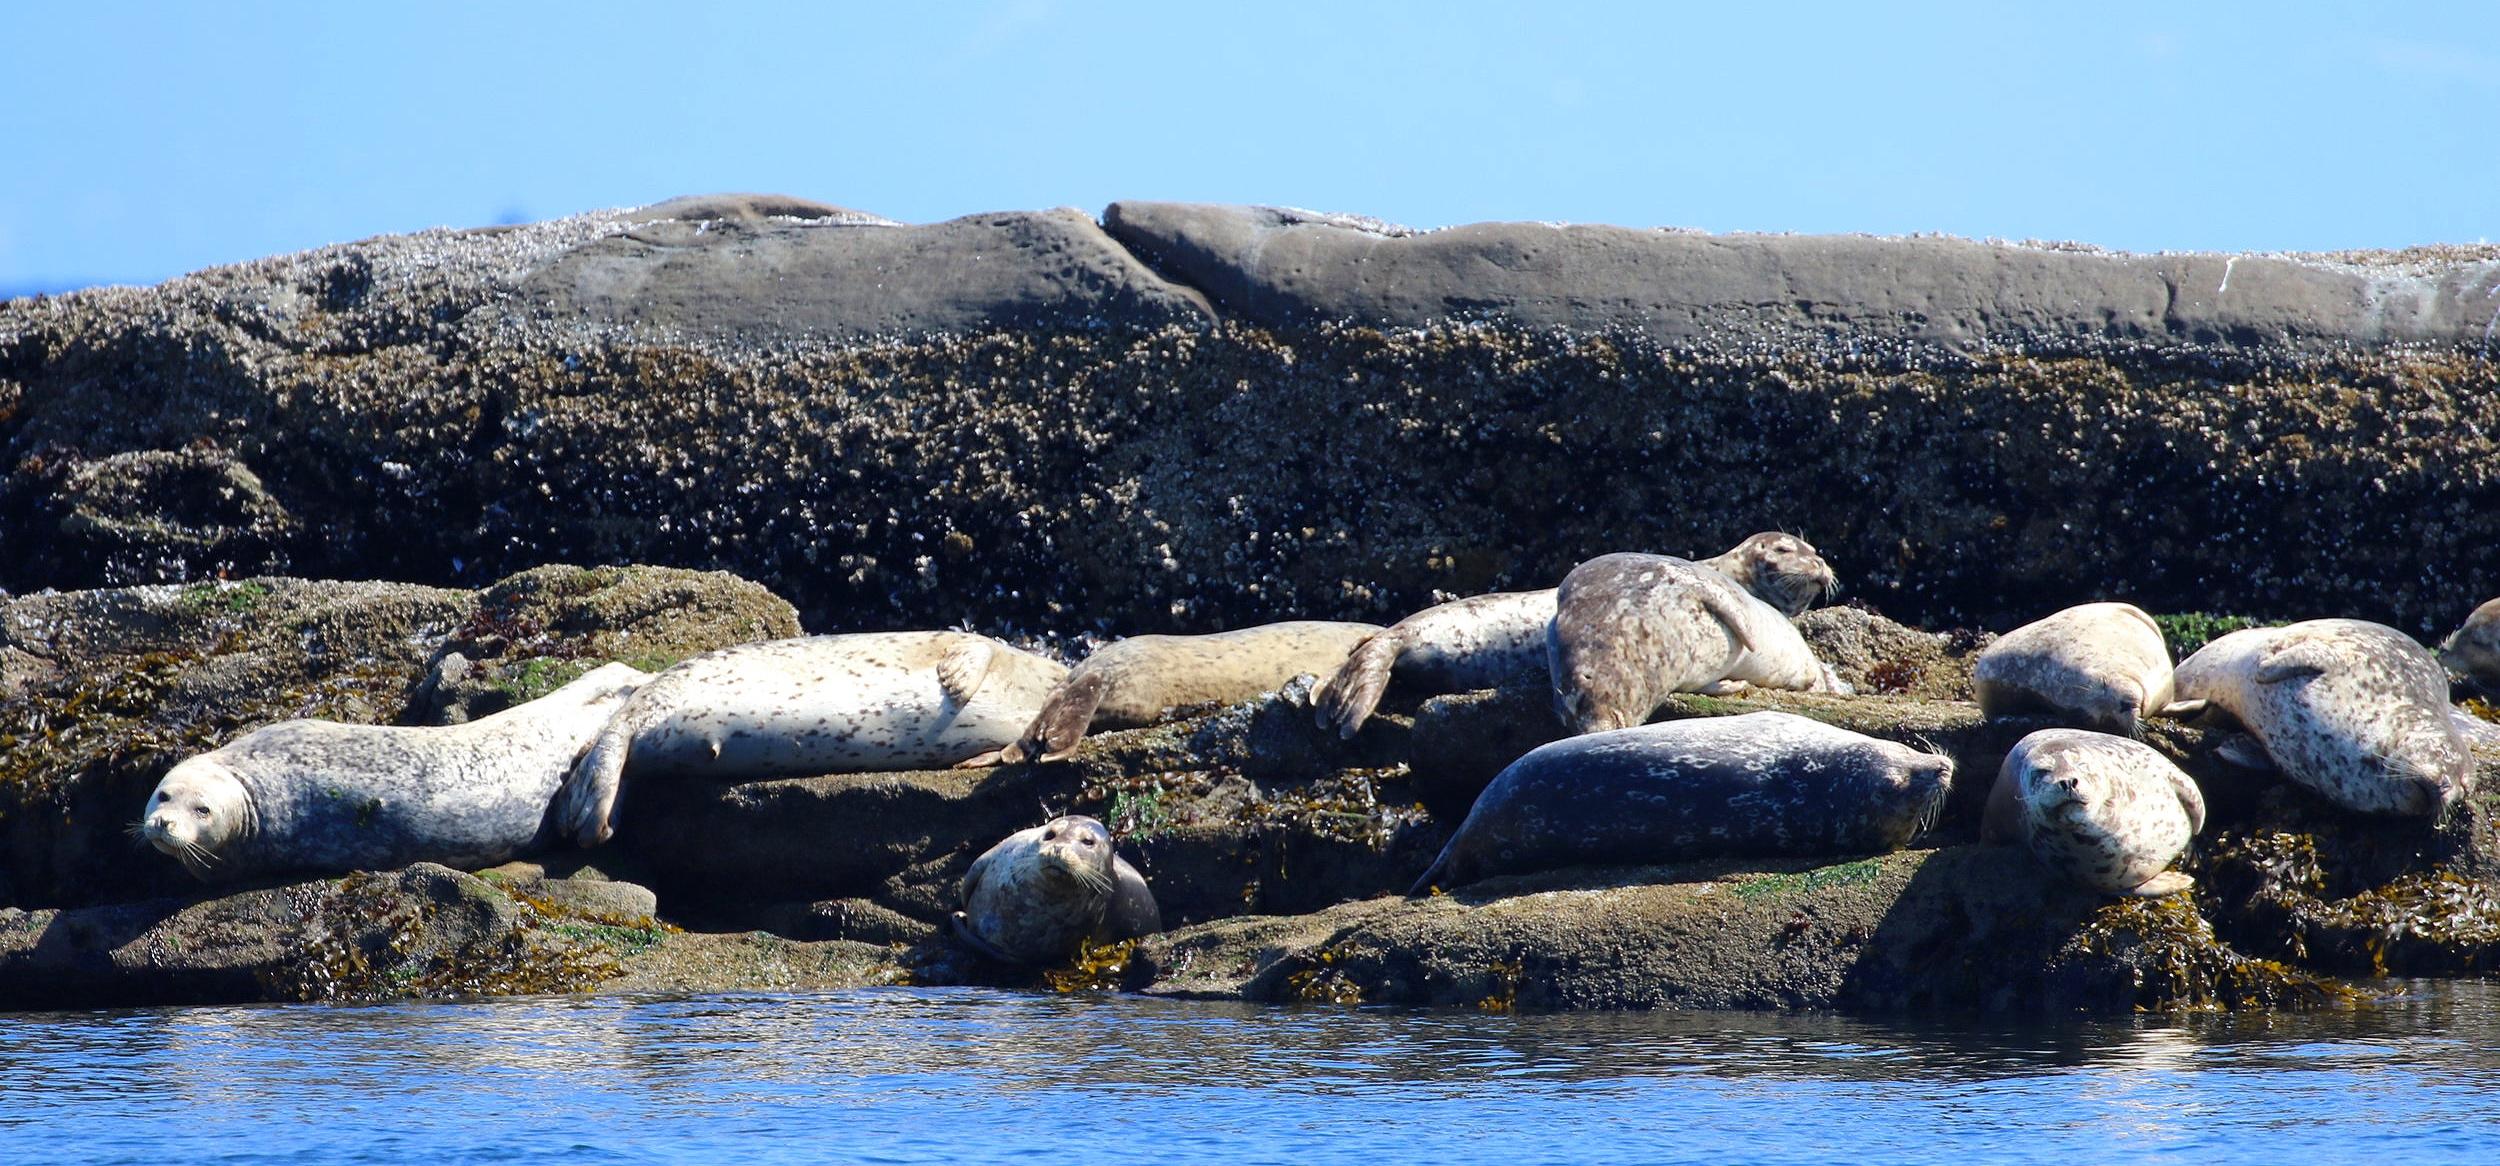 Harbour Seals. Photo by Alanna Vivani (10.30)